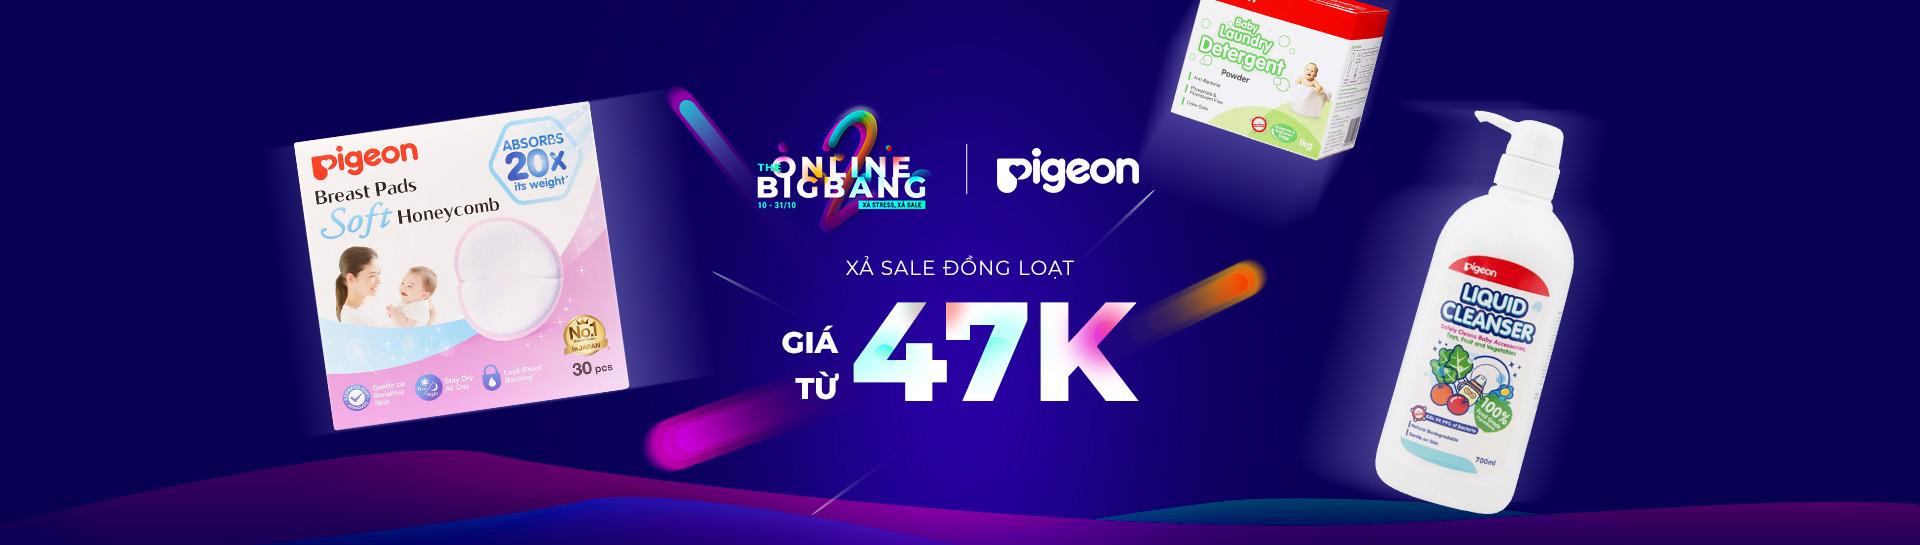 Hình ảnh Pigeon - Giá chỉ từ 20k + freegift